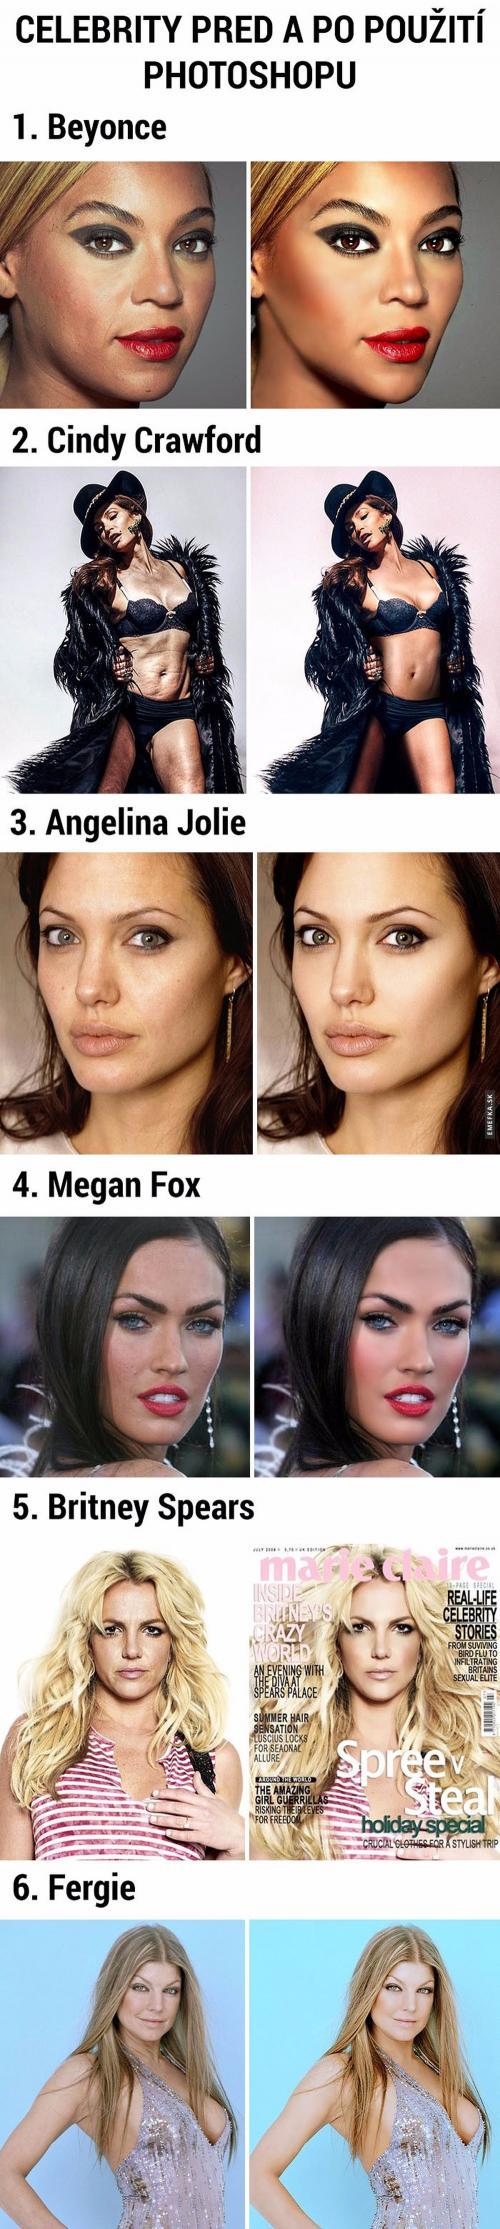 Celebrity před a pro použití photoshopu